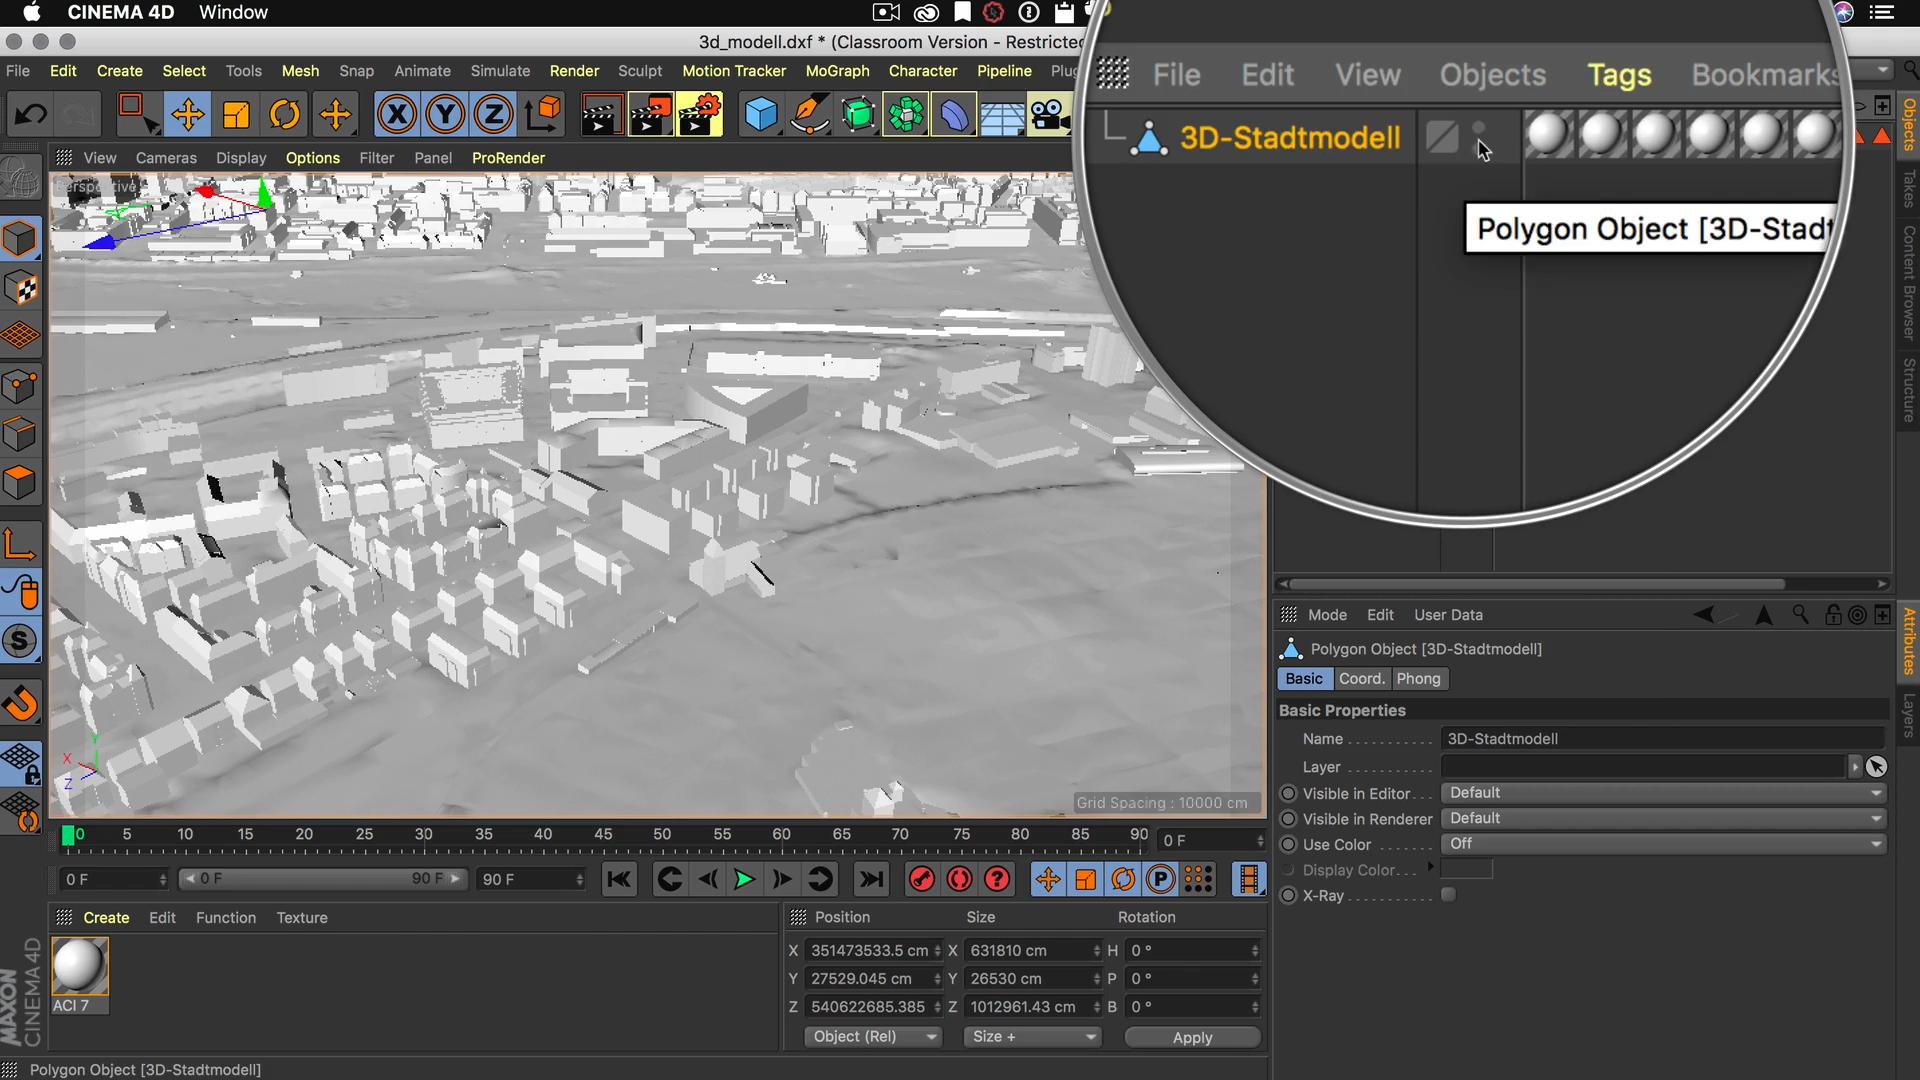 Cinema4D 3D-Stadtmodell Objekt Manager umbenennen 3D Stadtmodell